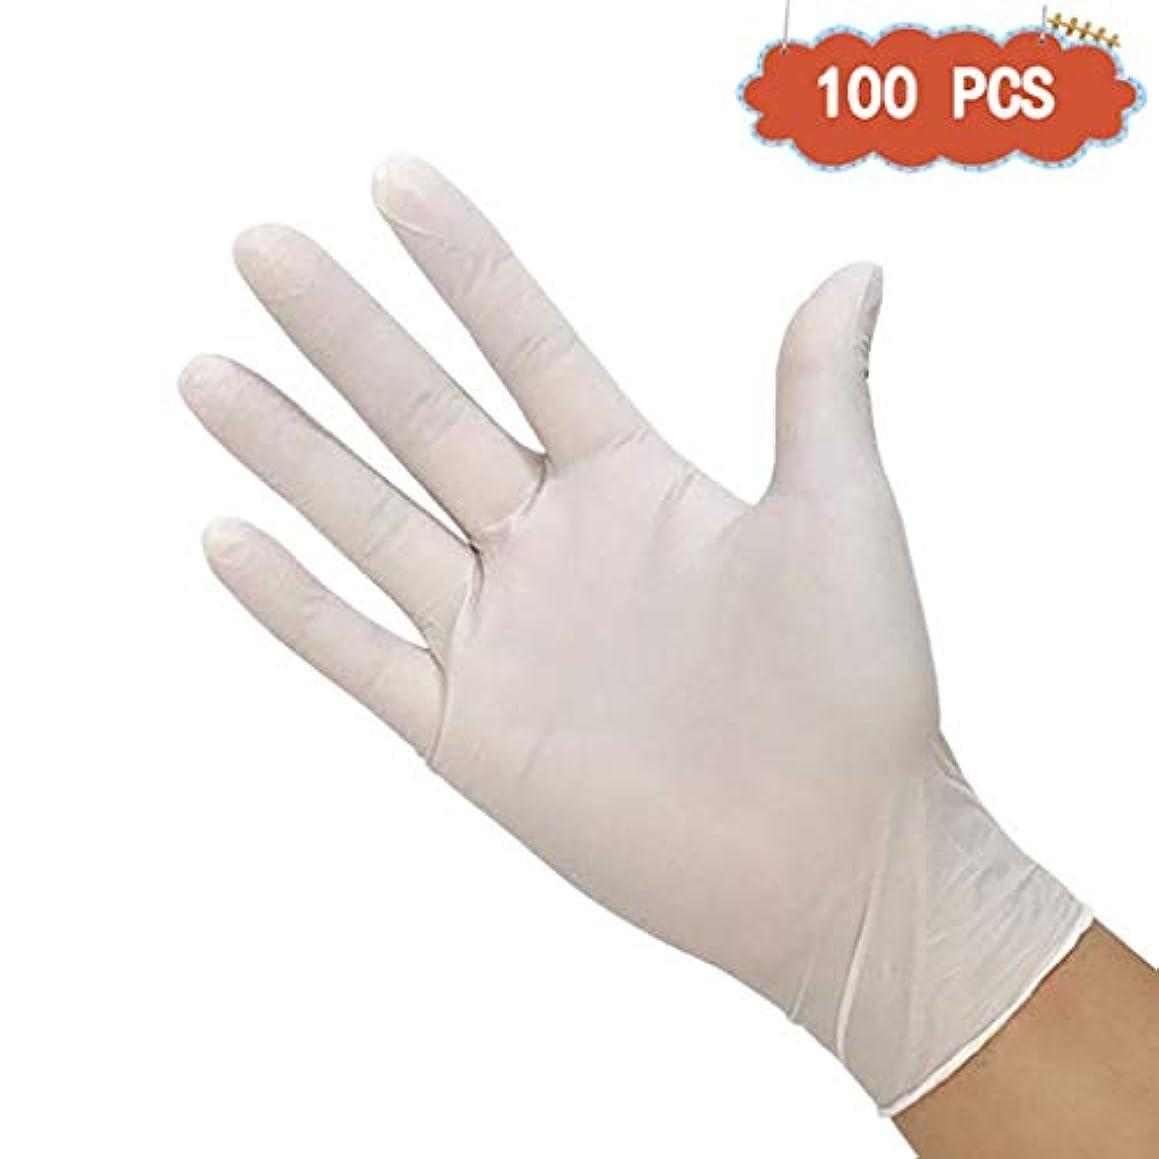 良い補充関係するニトリルホームクリーニングと酸とアルカリ使い捨て手袋ペットケアネイルアート検査保護実験、ビューティーサロンラテックスフリー、パウダーフリー、両手利き、100個 (Size : M)